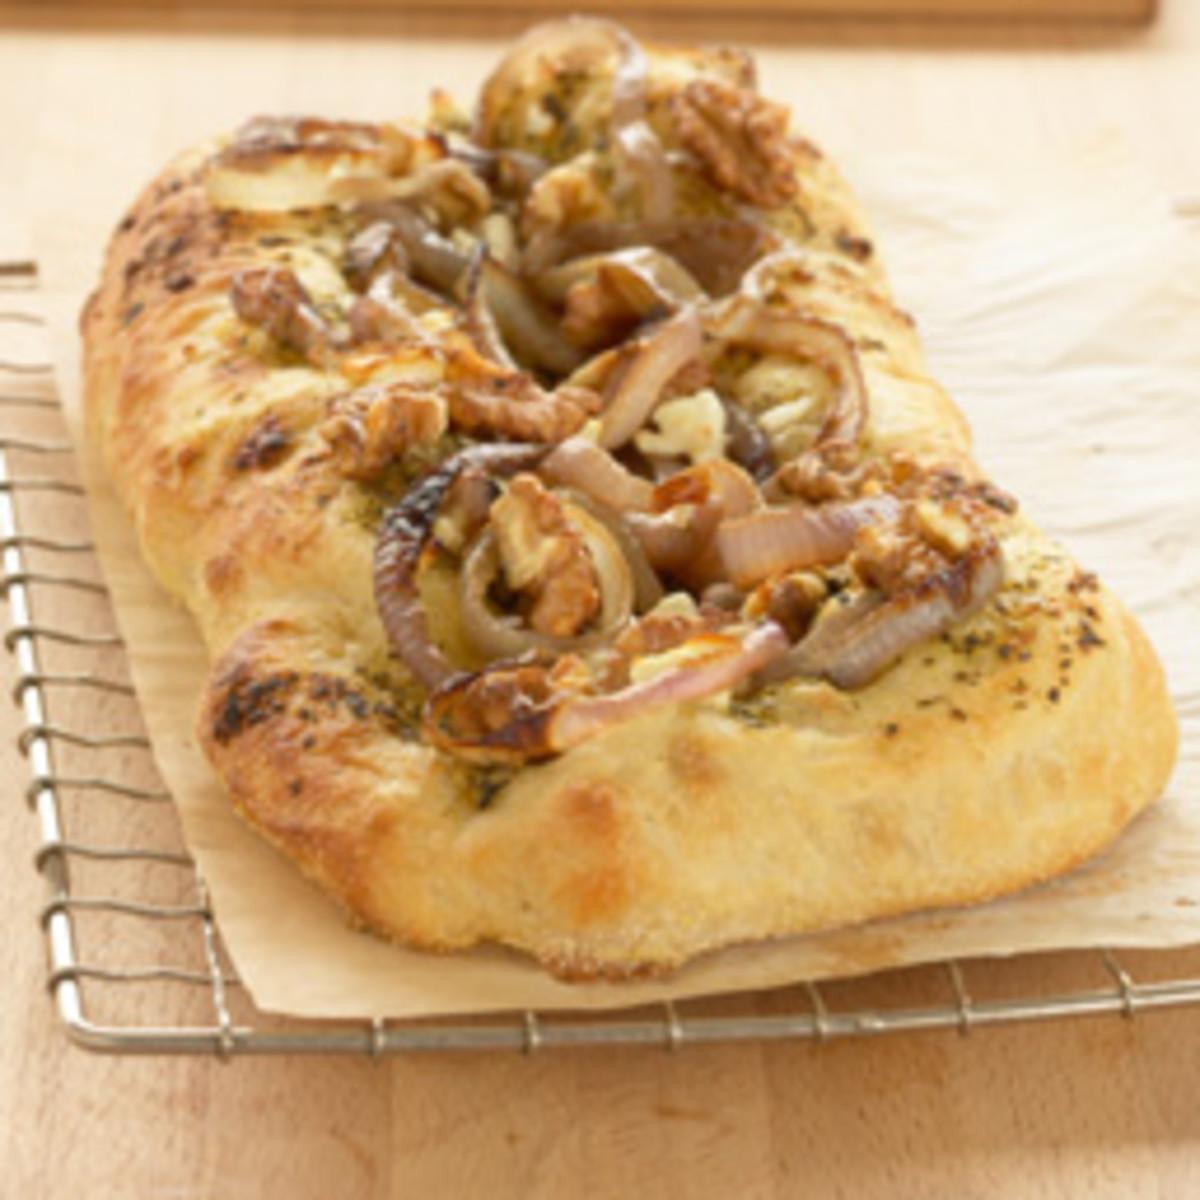 California Walnut & Carmelized Onion Pizza